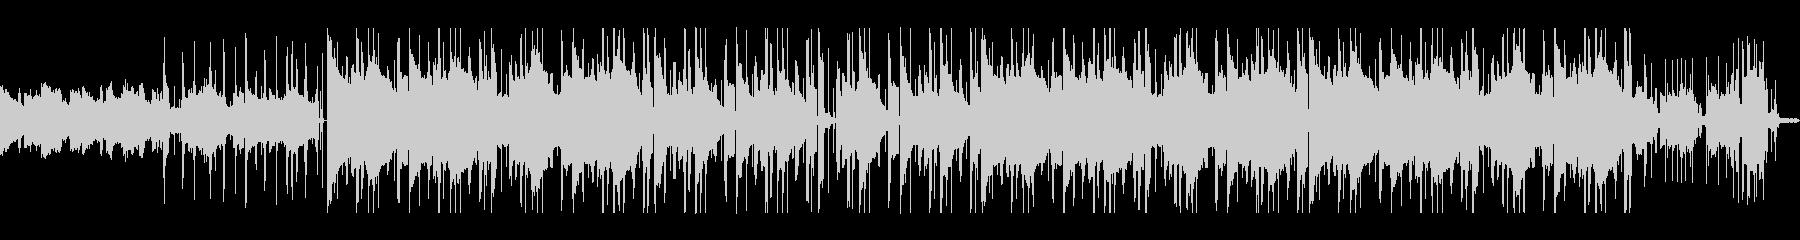 サックスが響く朝のLo-fiヒップホップの未再生の波形